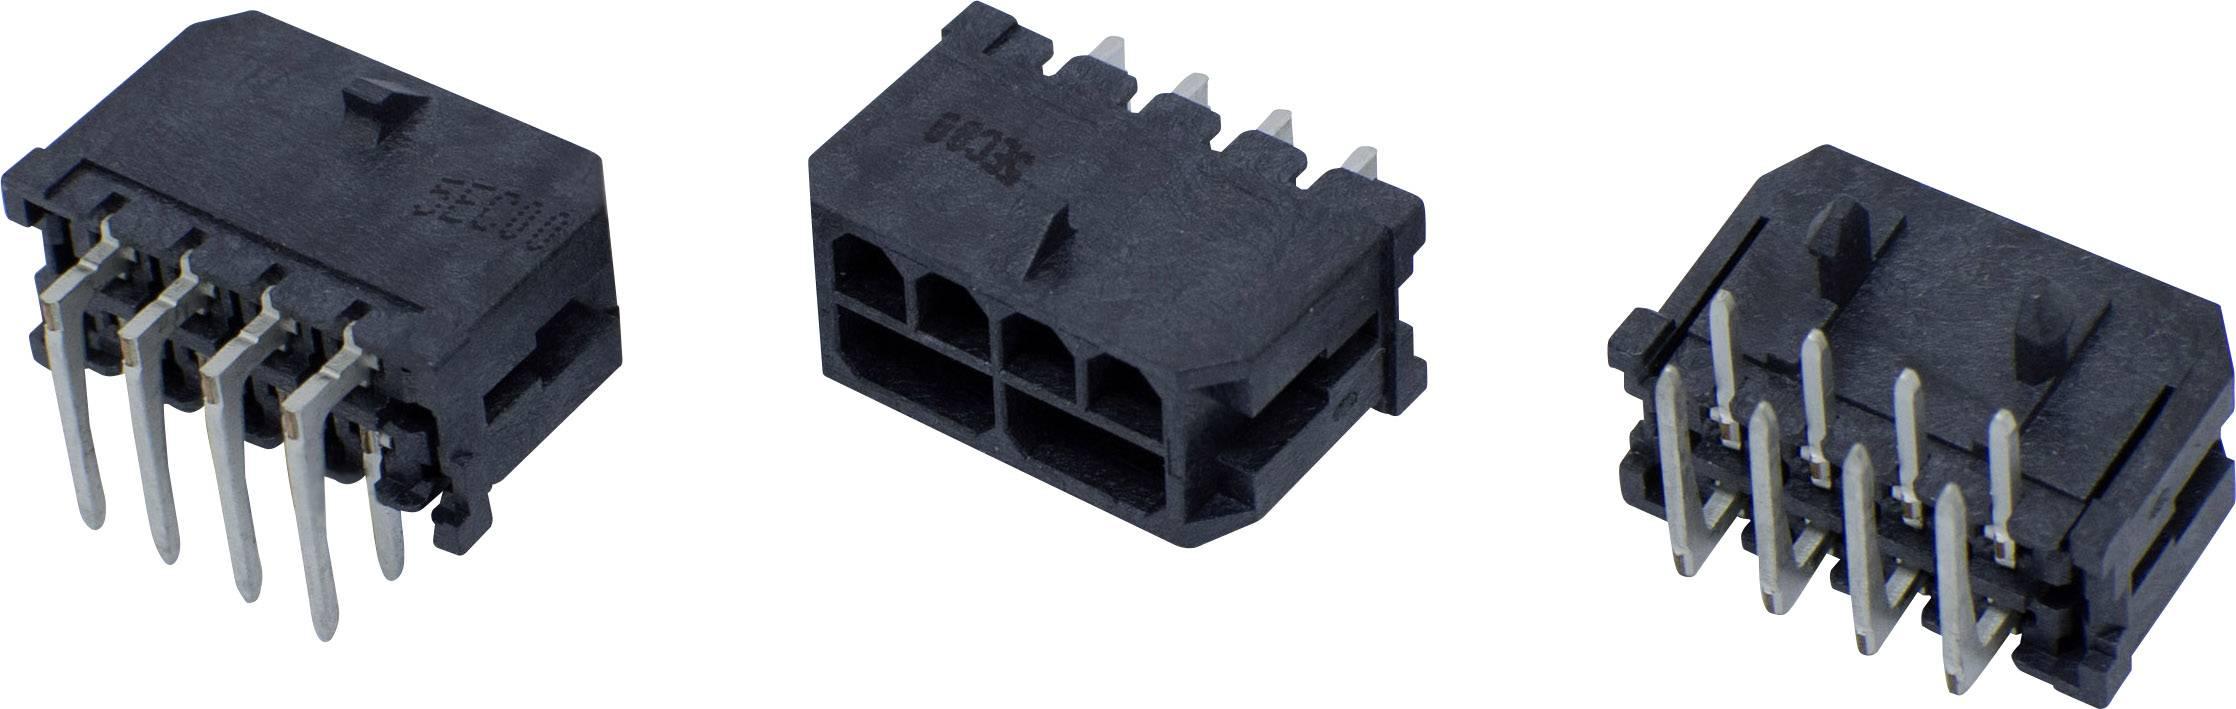 Pinová lišta (standardní) BellWether 70095-0408, pólů 4, rozteč 3 mm, 1 ks